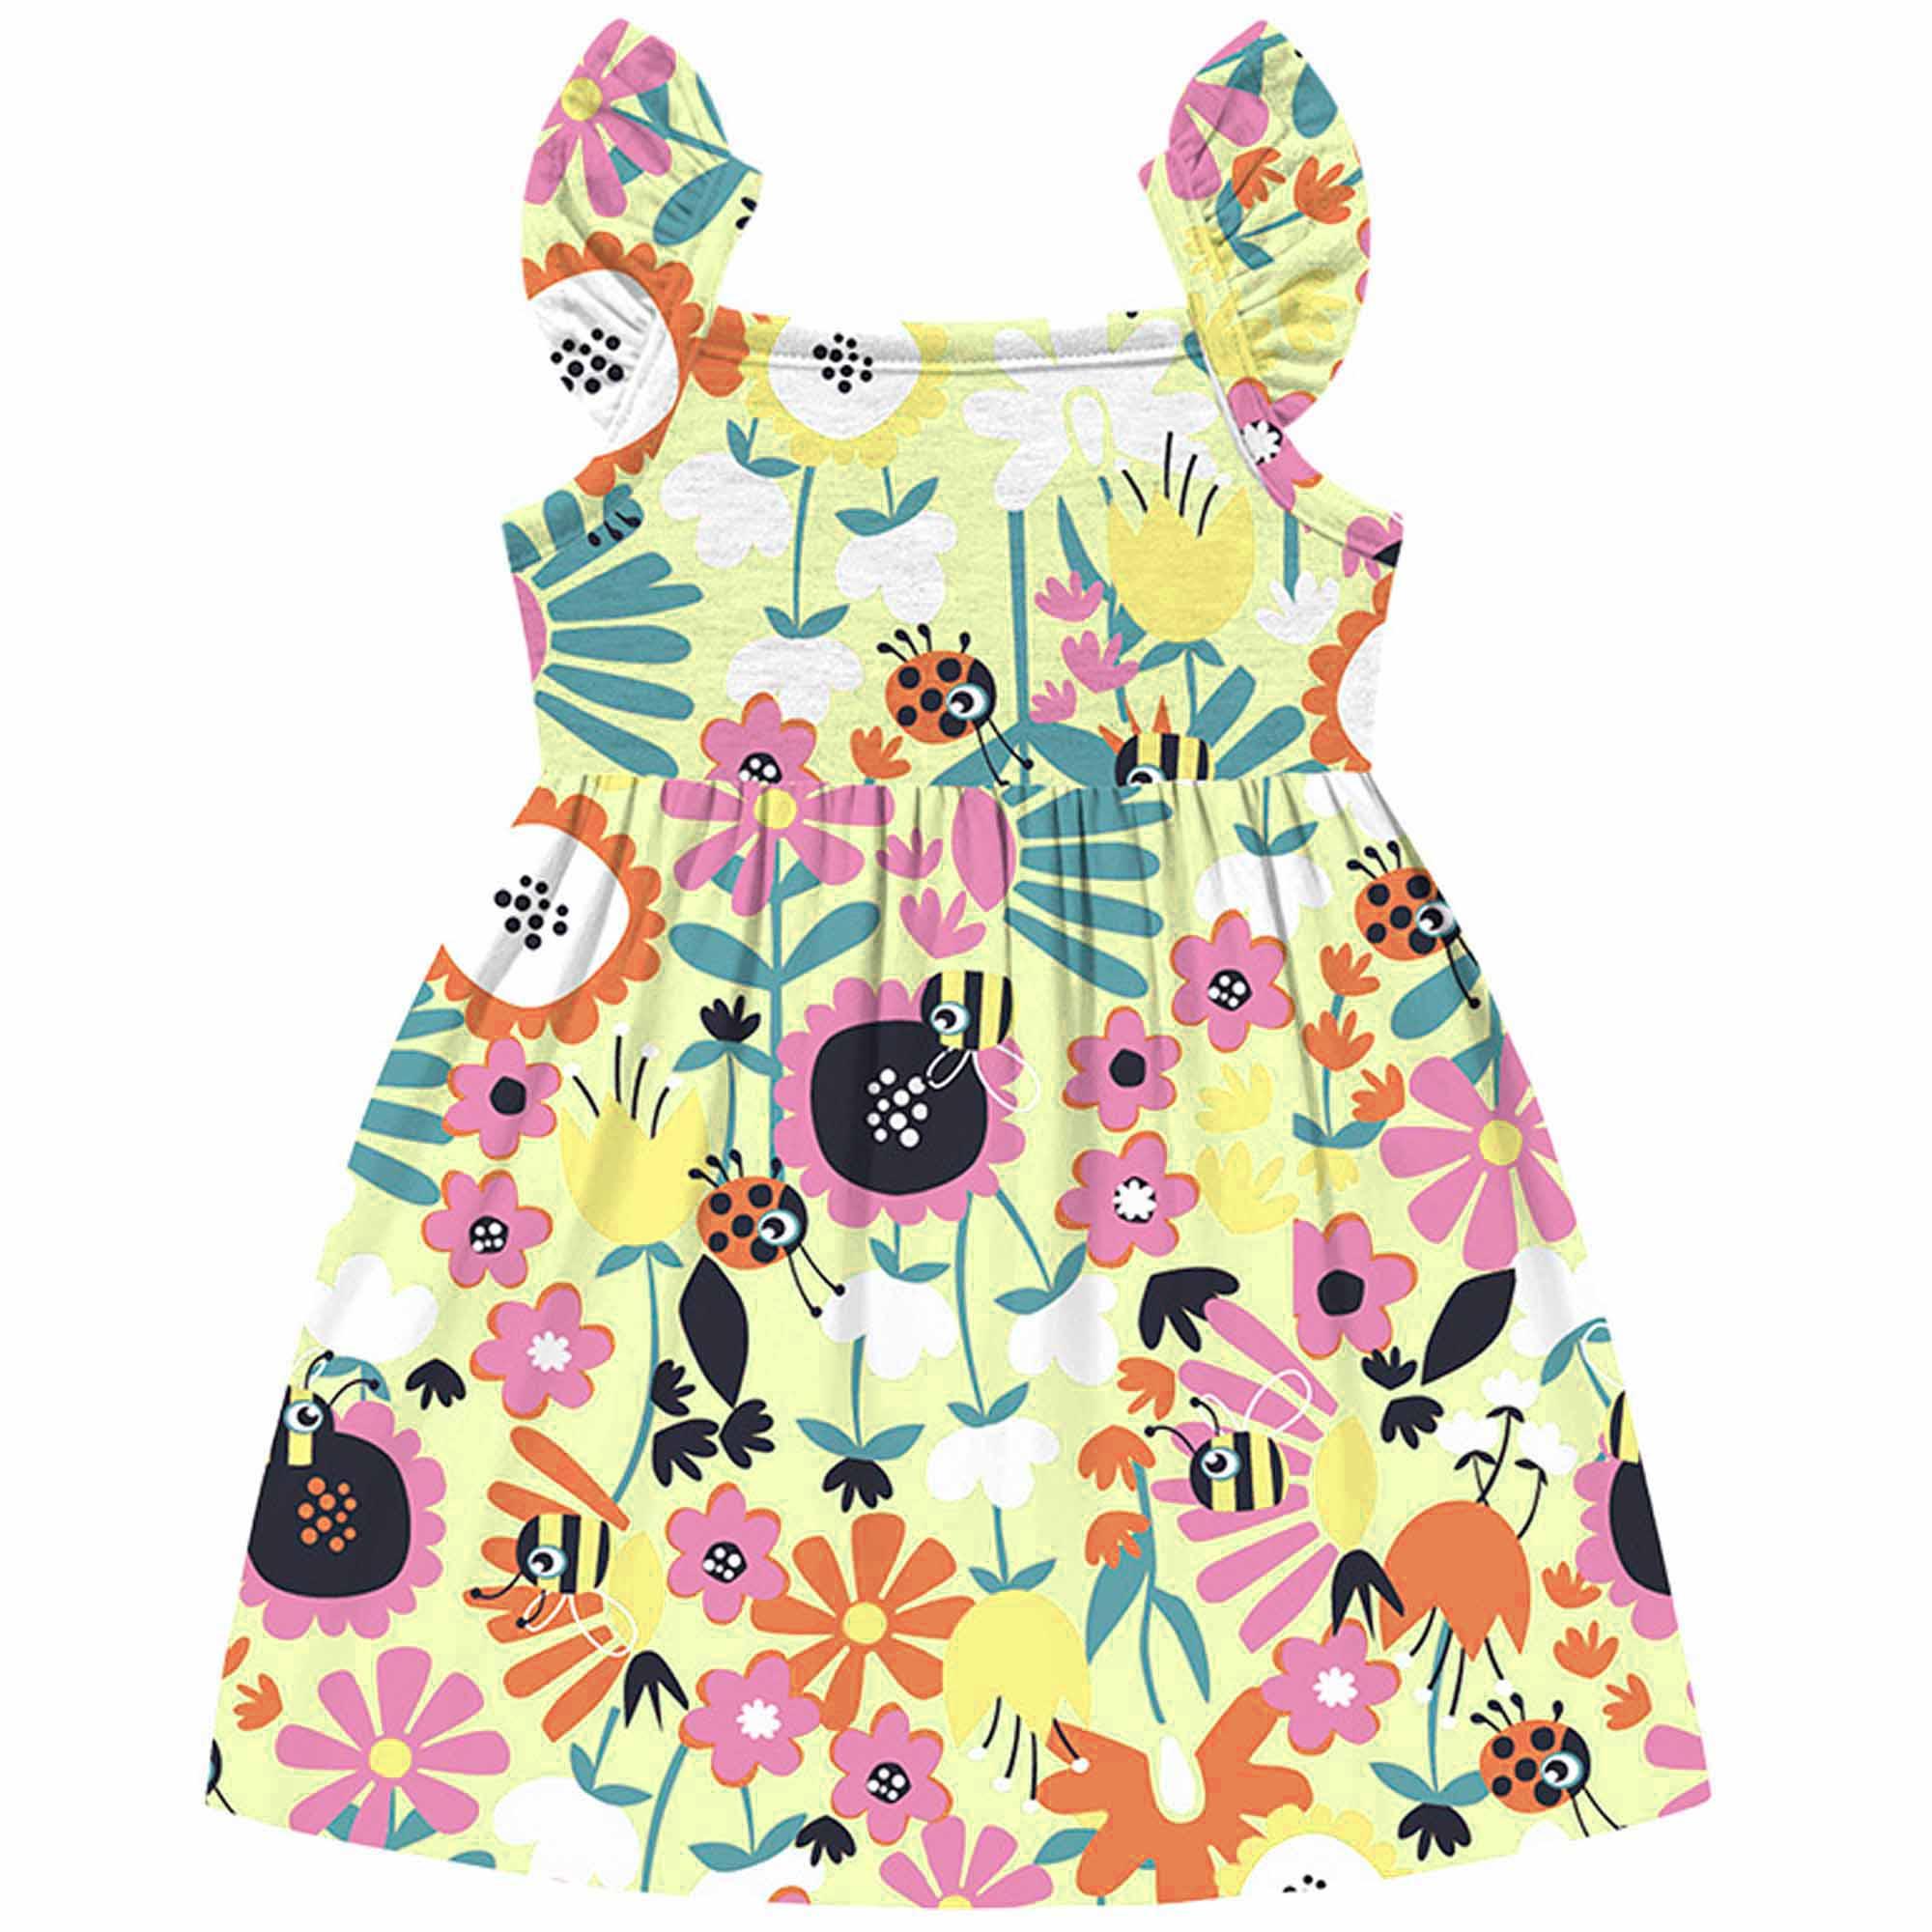 Vestido Verão Kiko e Kika - Florido - P ao G